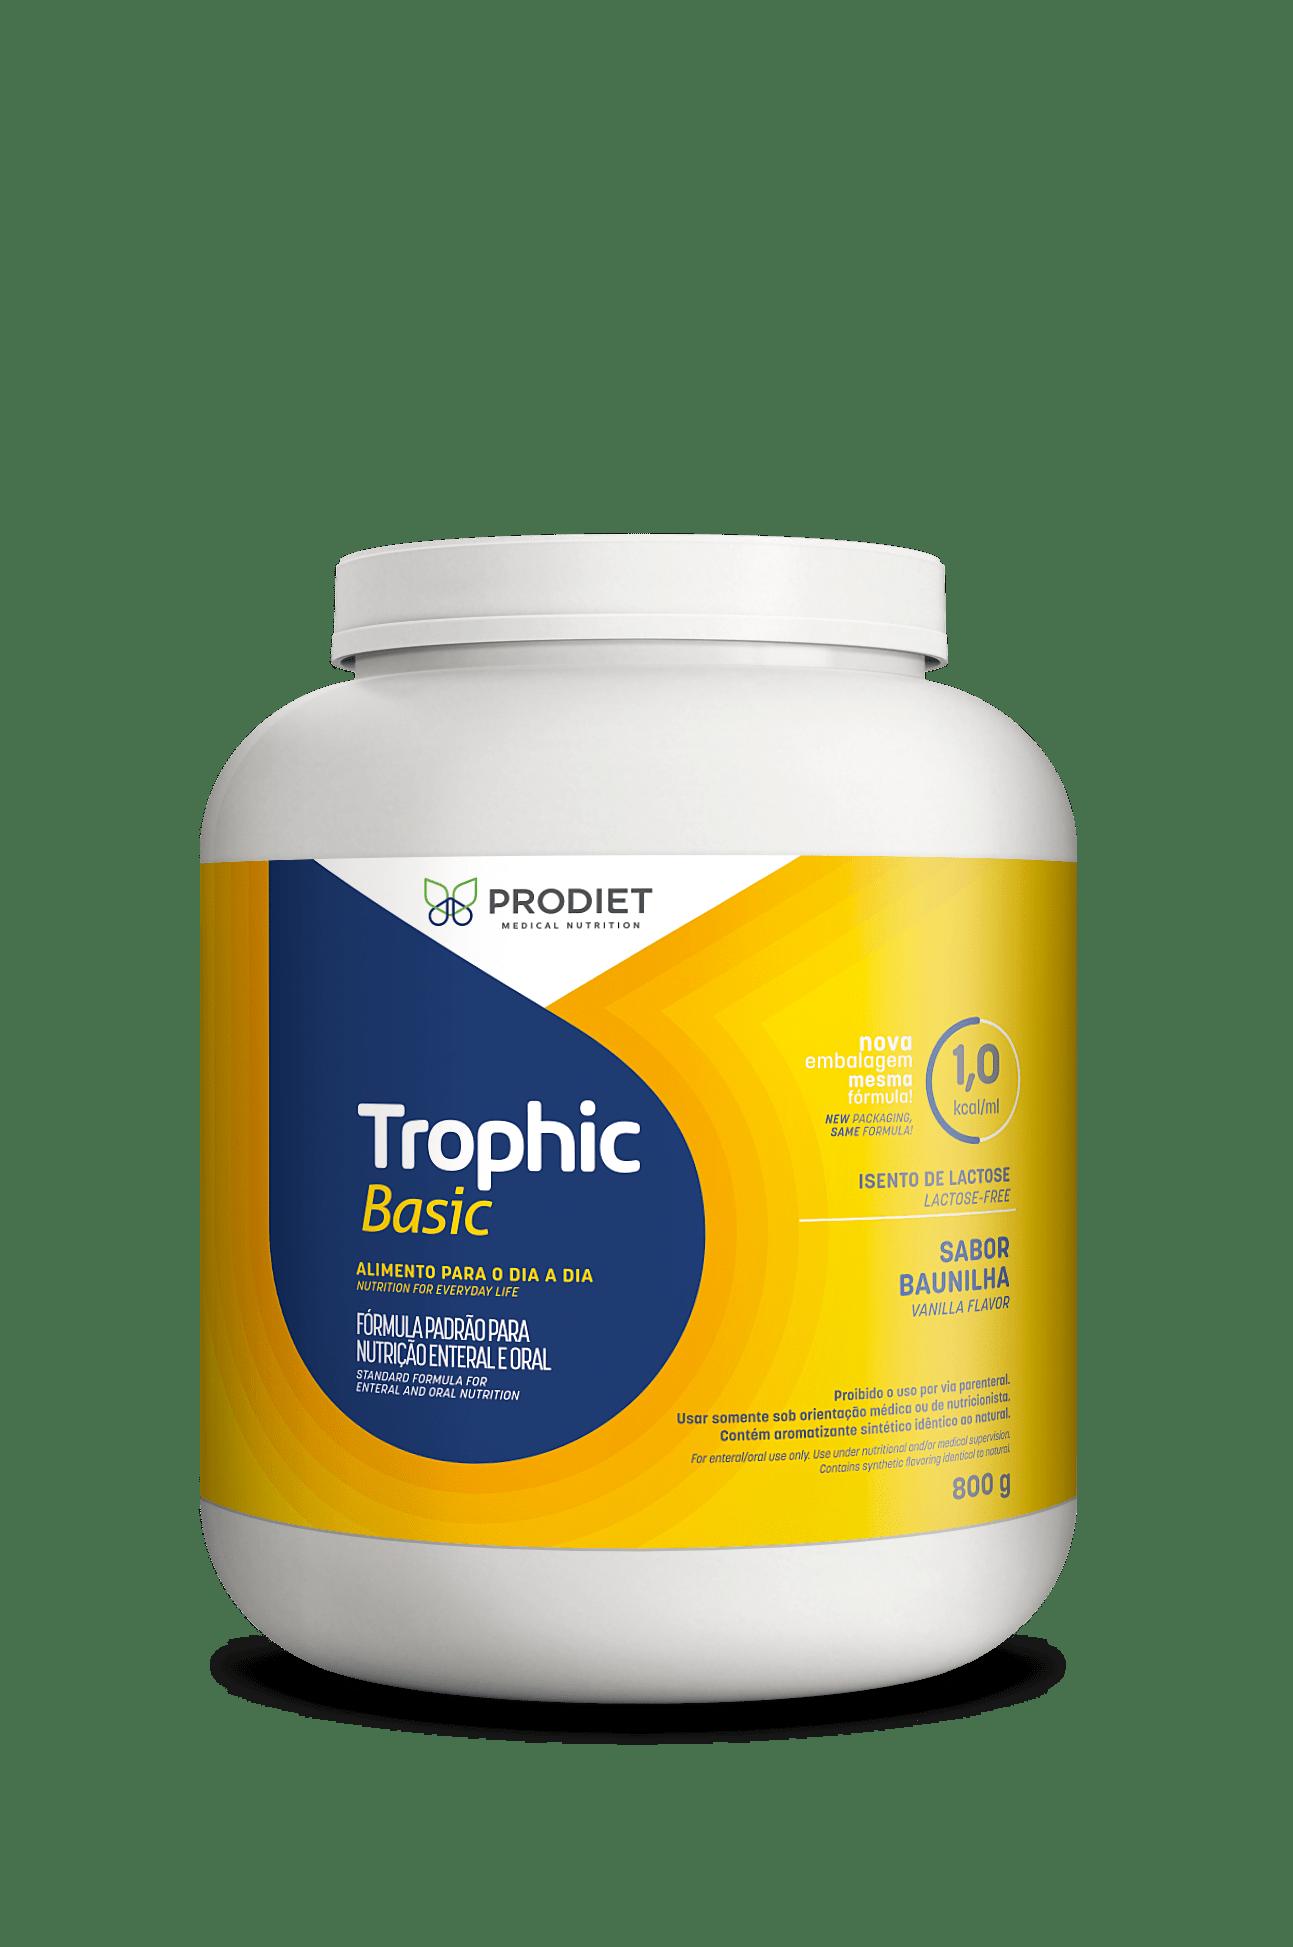 TROPHIC_BASIC_PO